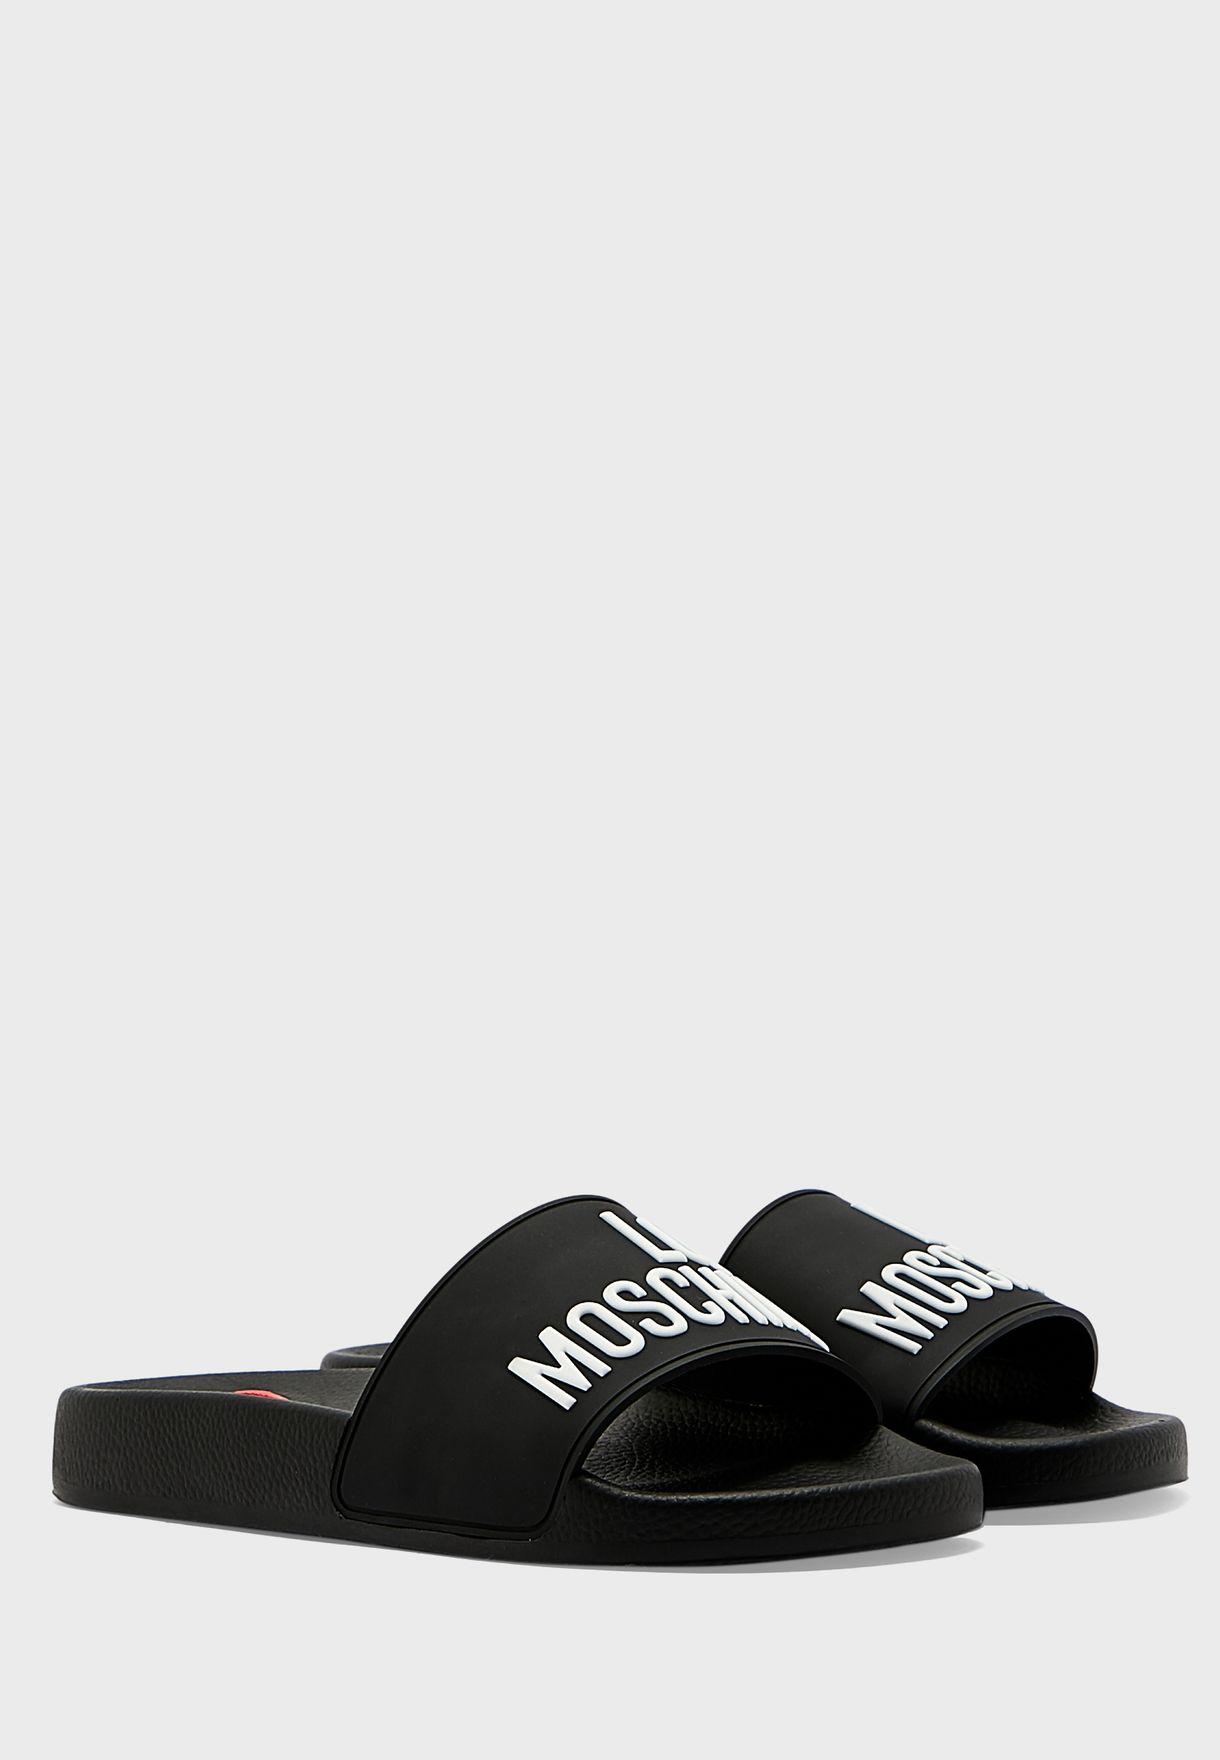 Single Strap Sandal